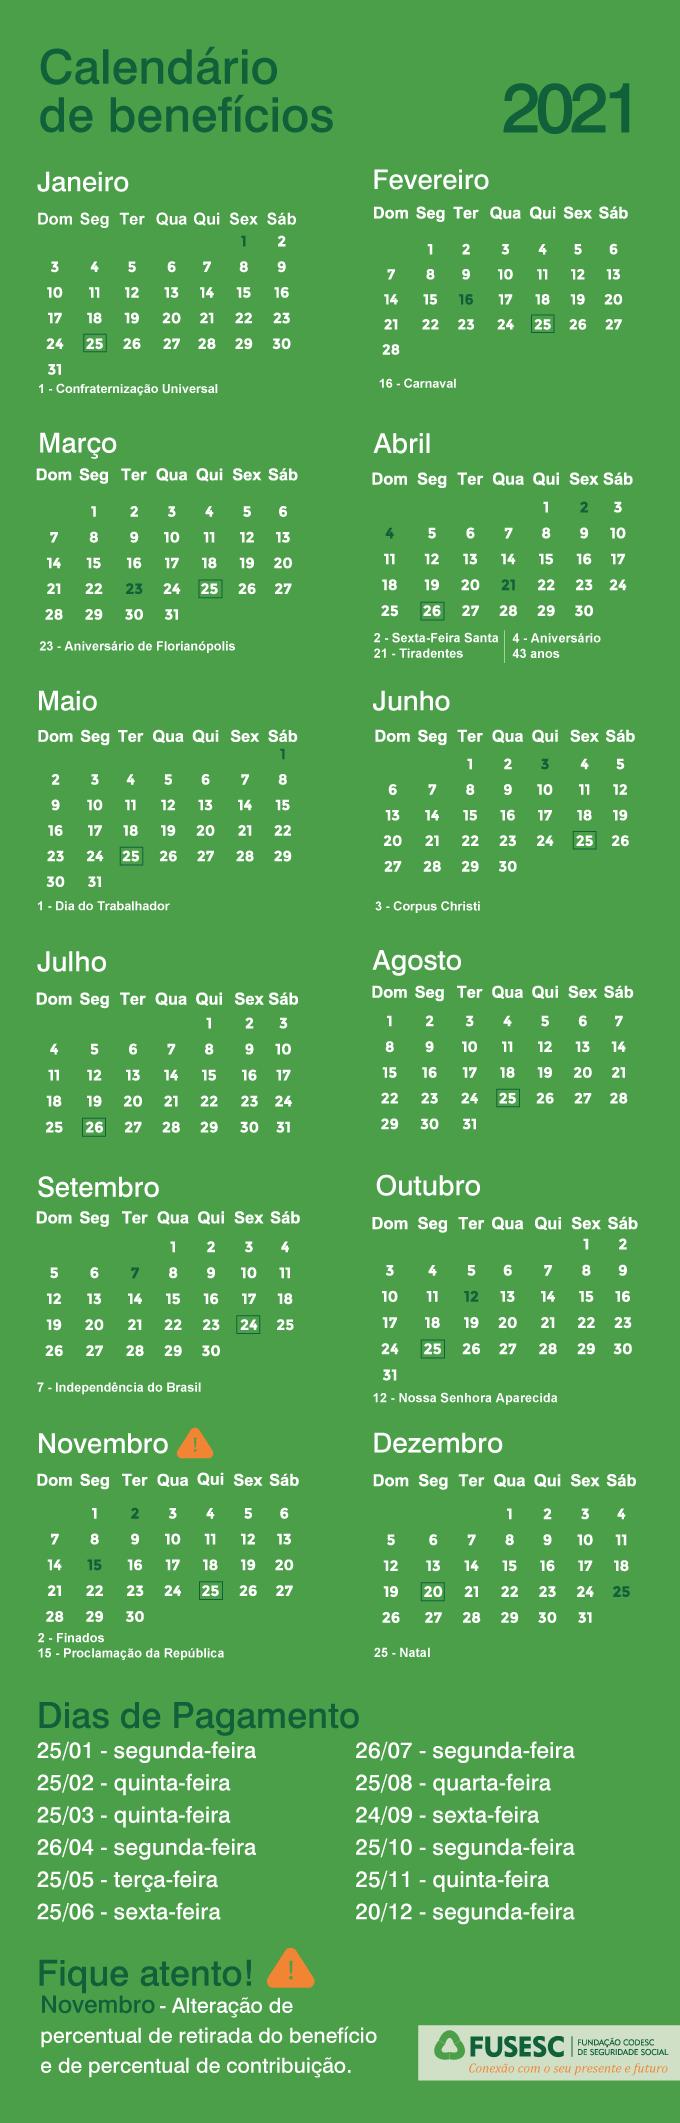 Calendário-2021-Fusesc